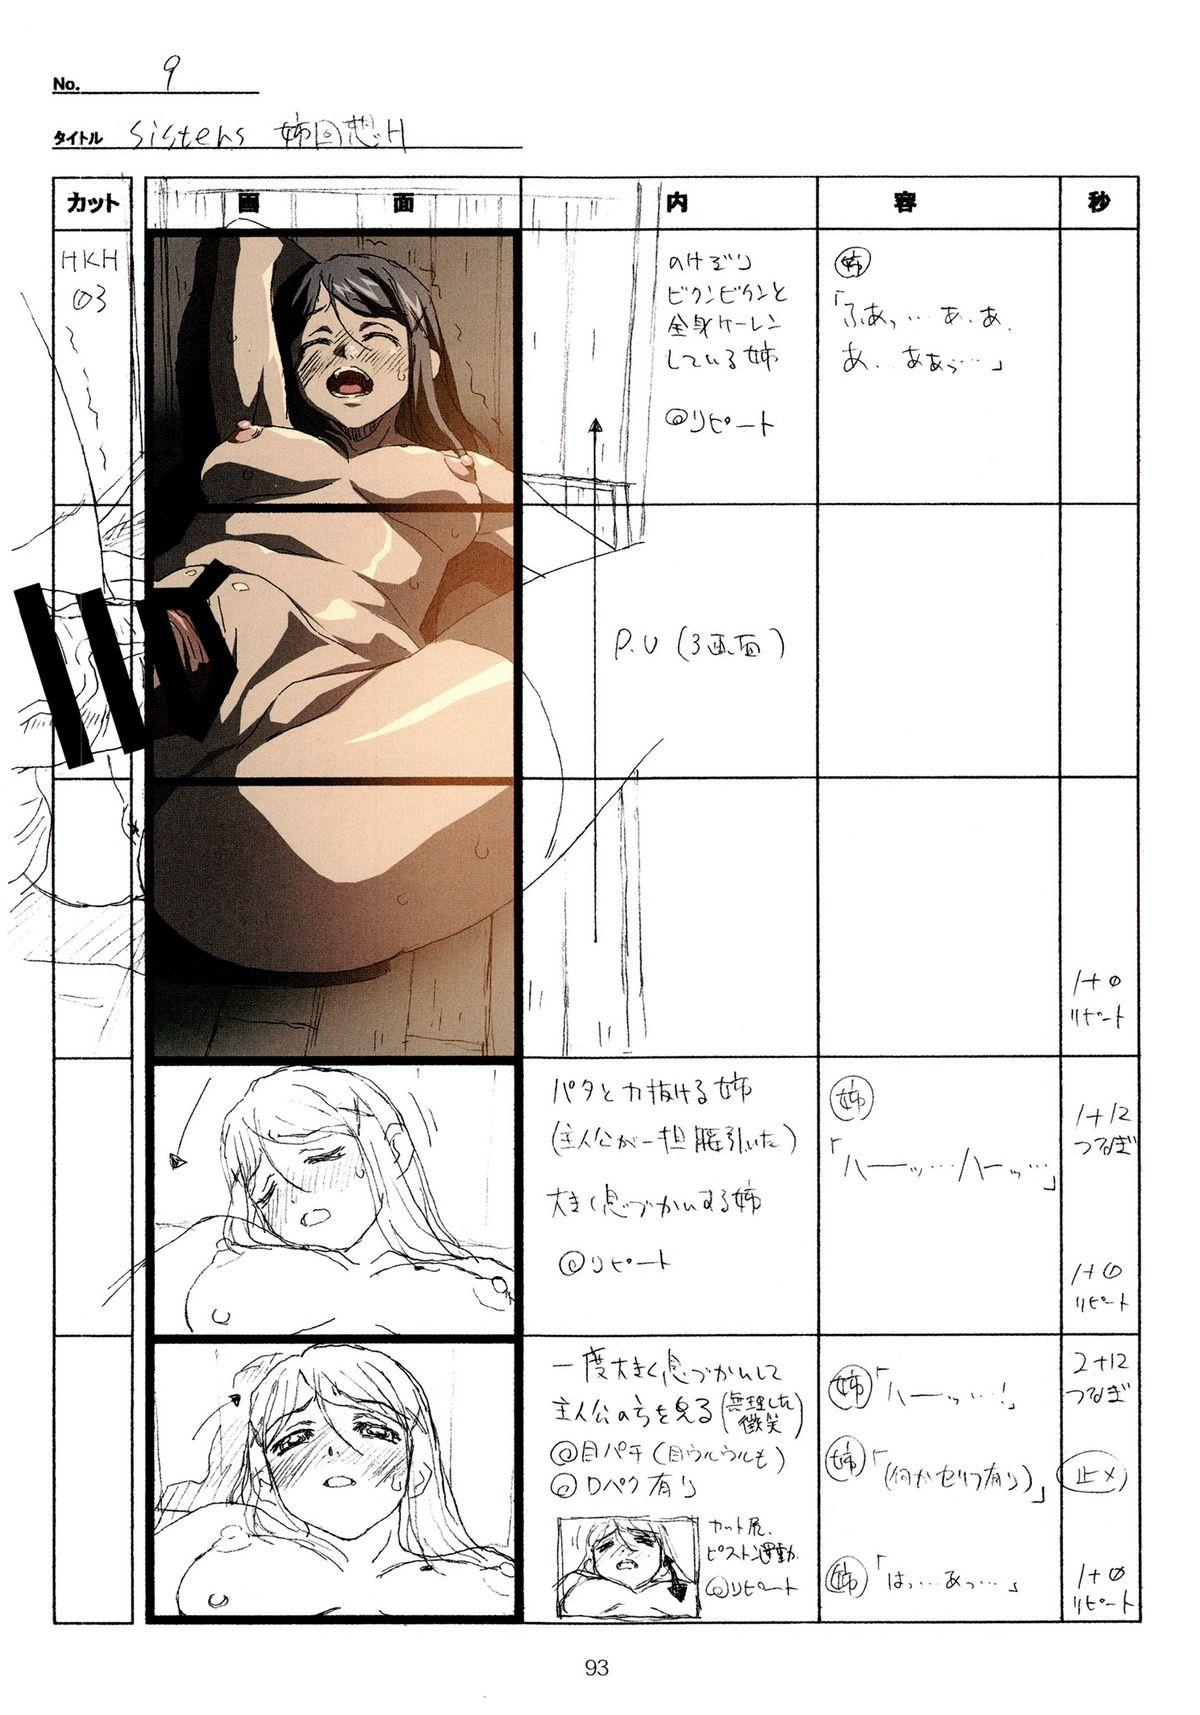 (C89) [Makino Jimusho (Taki Minashika)] SISTERS -Natsu no Saigo no Hi- H Scene All Part Storyboard (SISTERS -Natsu no Saigo no Hi-) 92